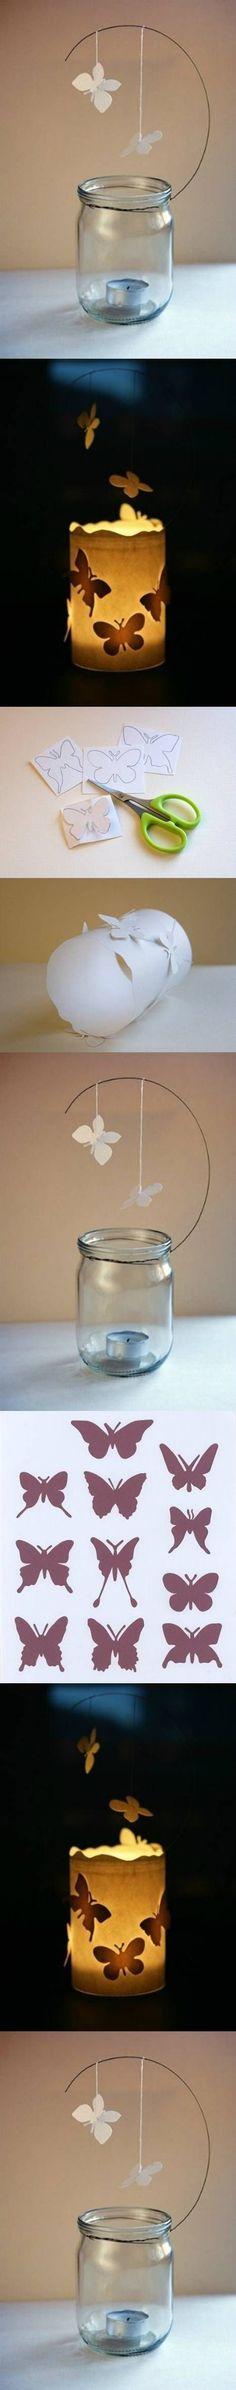 28 Beautiful Creative Ways of Repurposing Mason Jars Love #15!